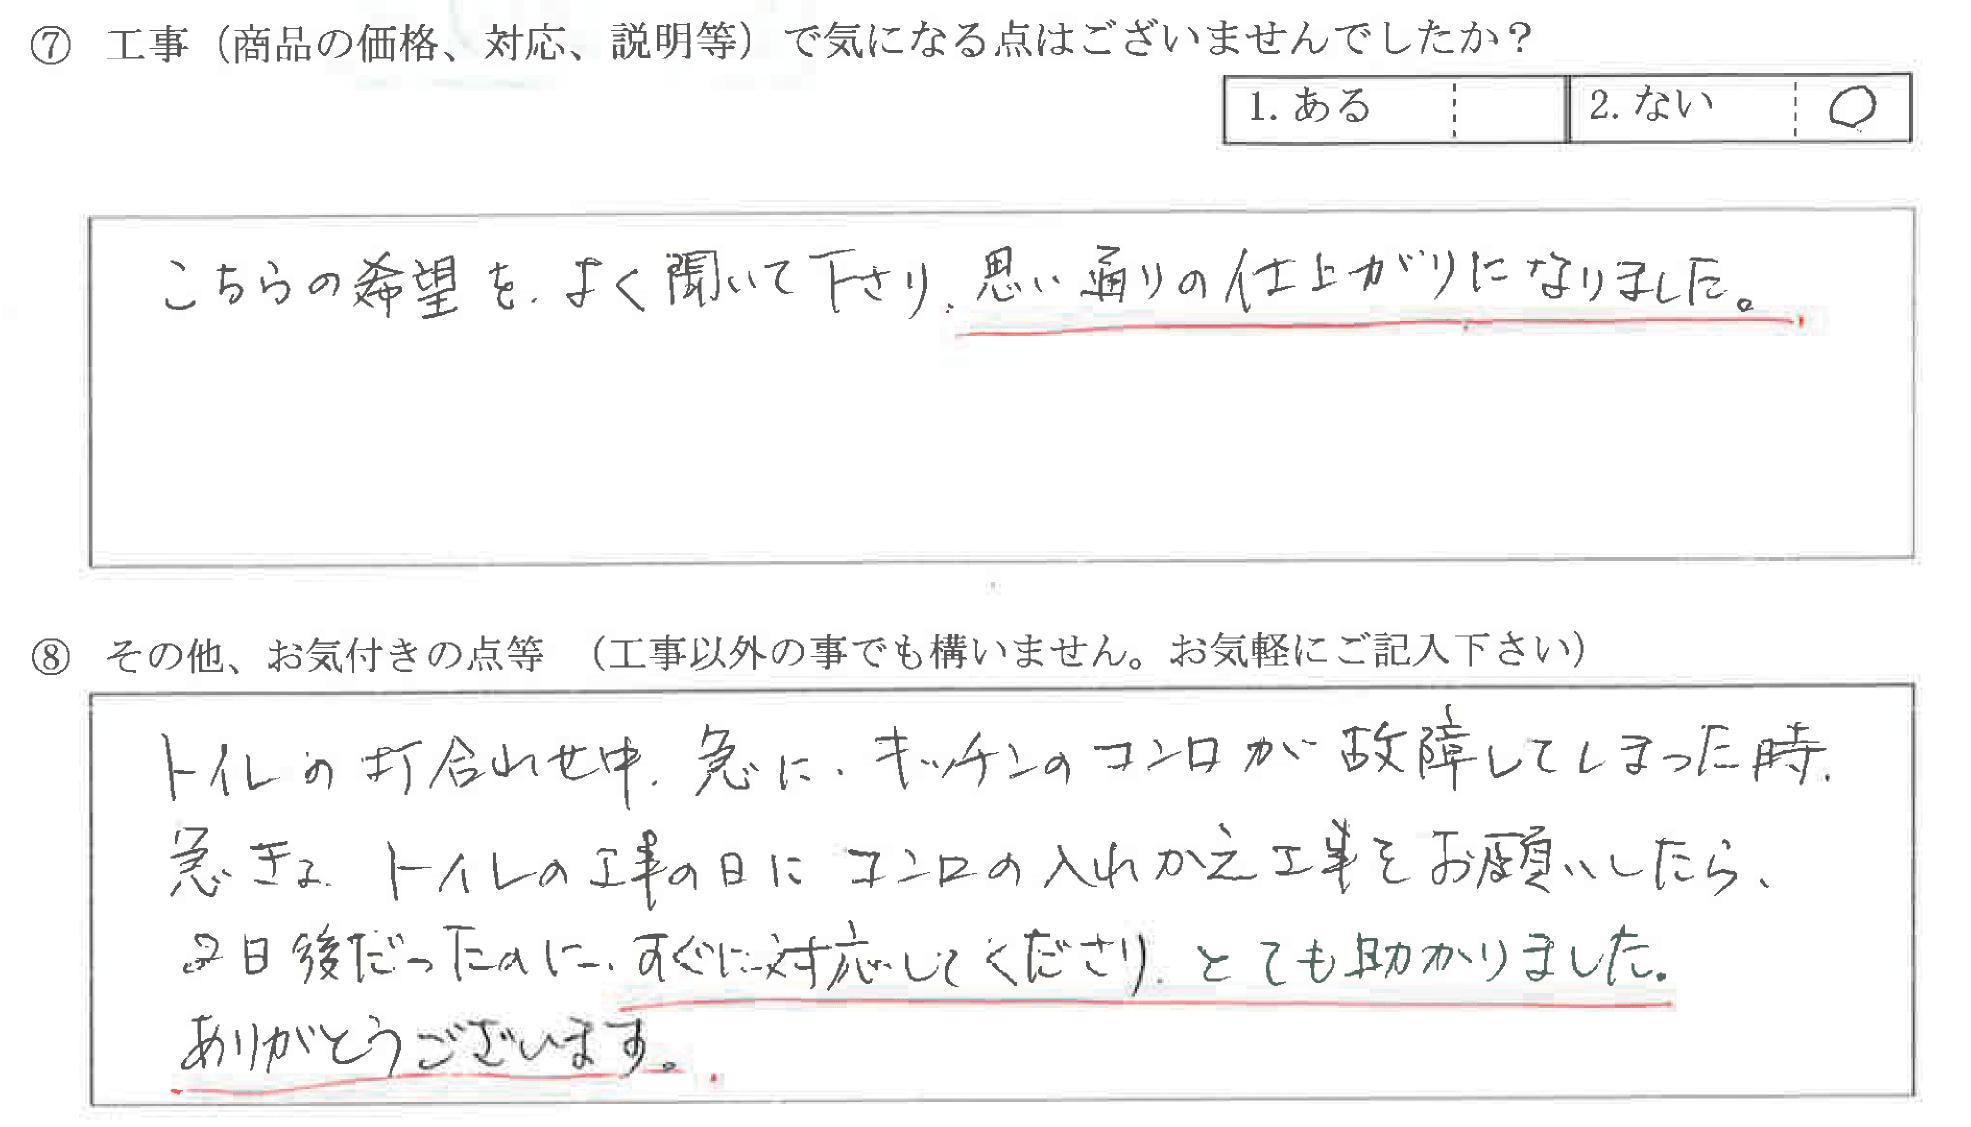 富山県氷見市O様に頂いたトイレ入替工事についてのお気づきの点がありましたら、お聞かせ下さい。というご質問について「トイレ入替工事【お喜びの声】」というお声についての画像